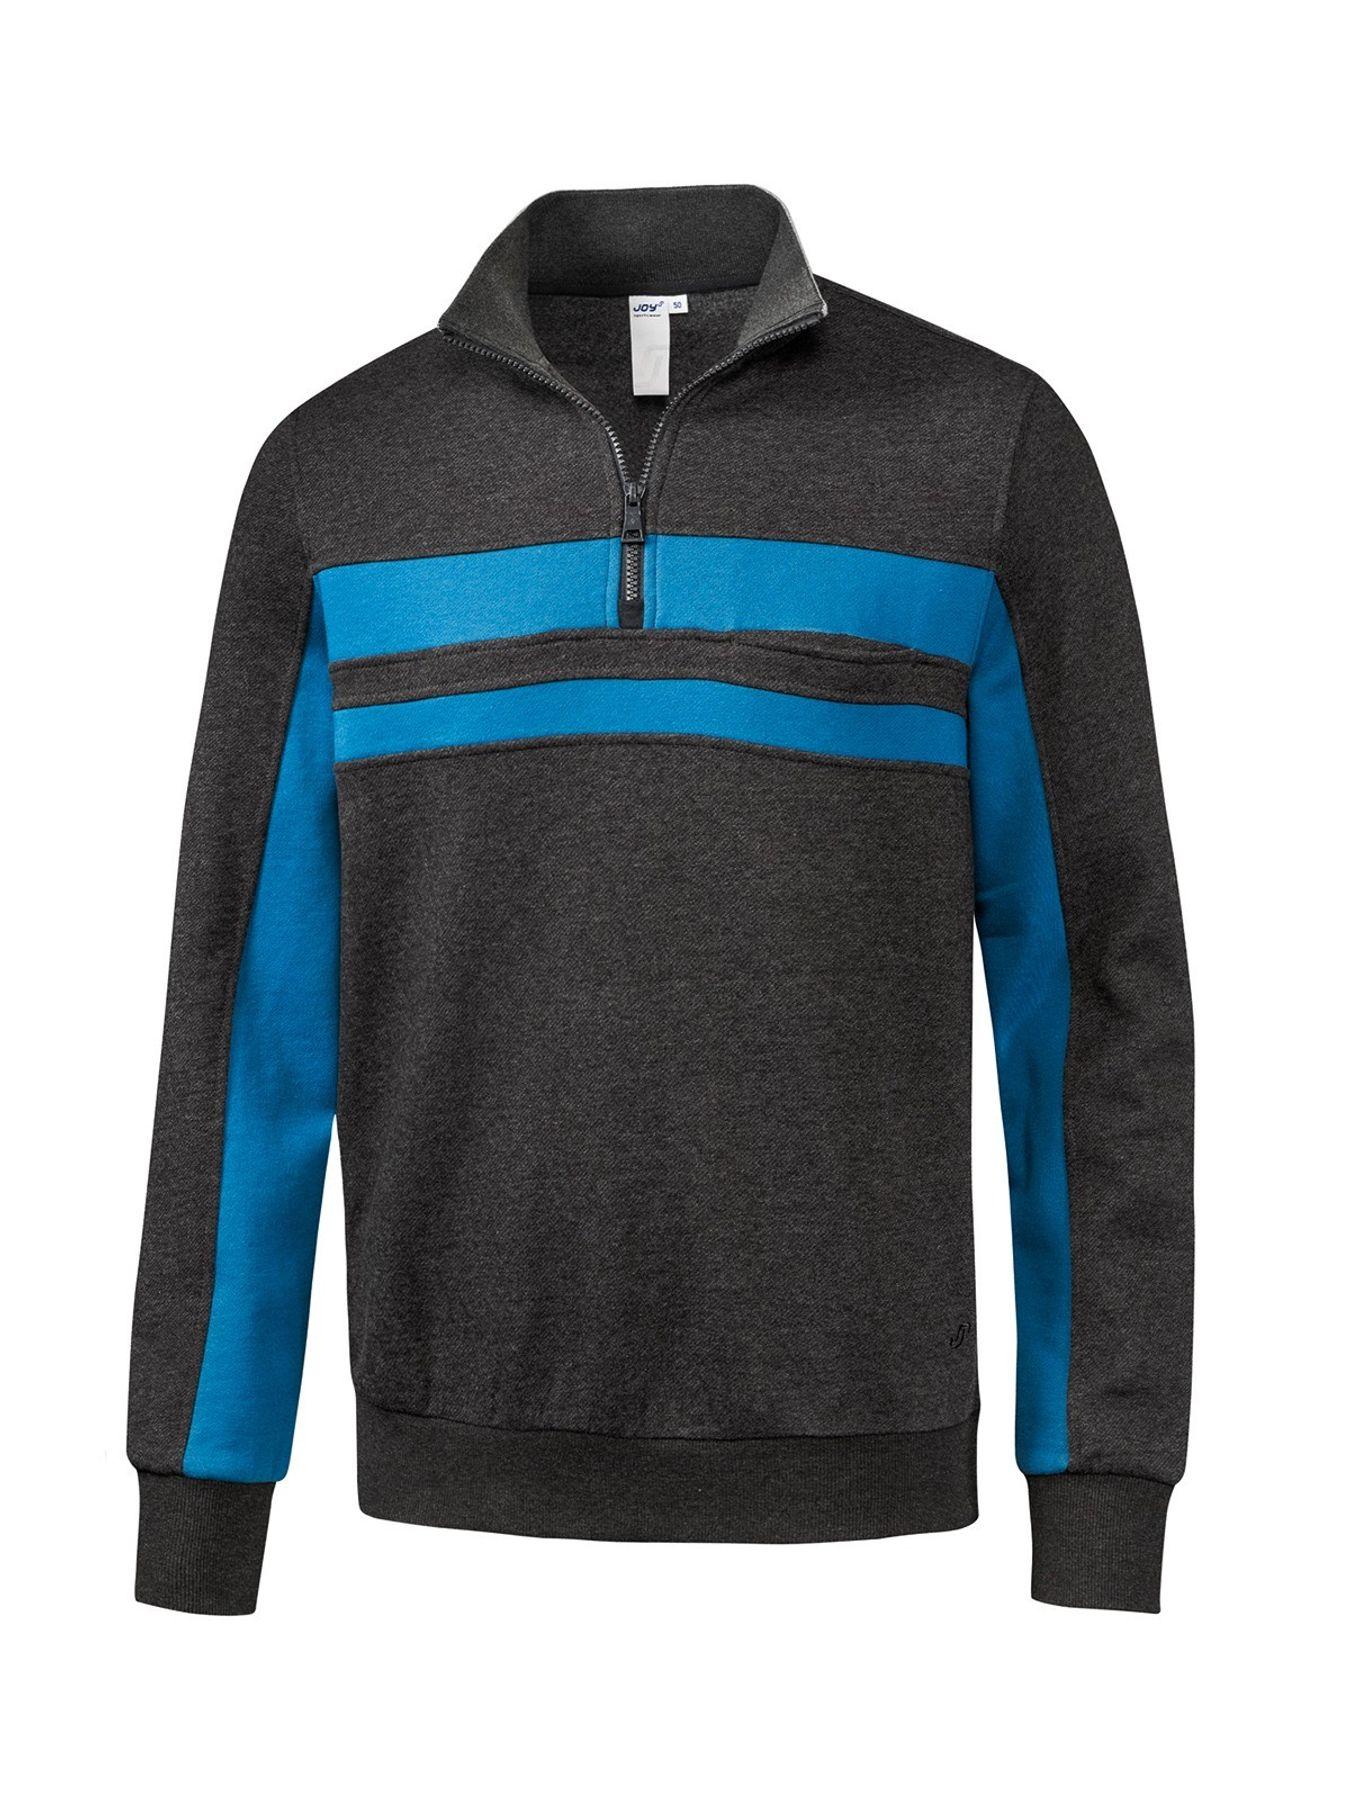 Joy - Herren Sport und Freizeit Sweatshirt mit Brusttasche, Kenny (40246) – Bild 1